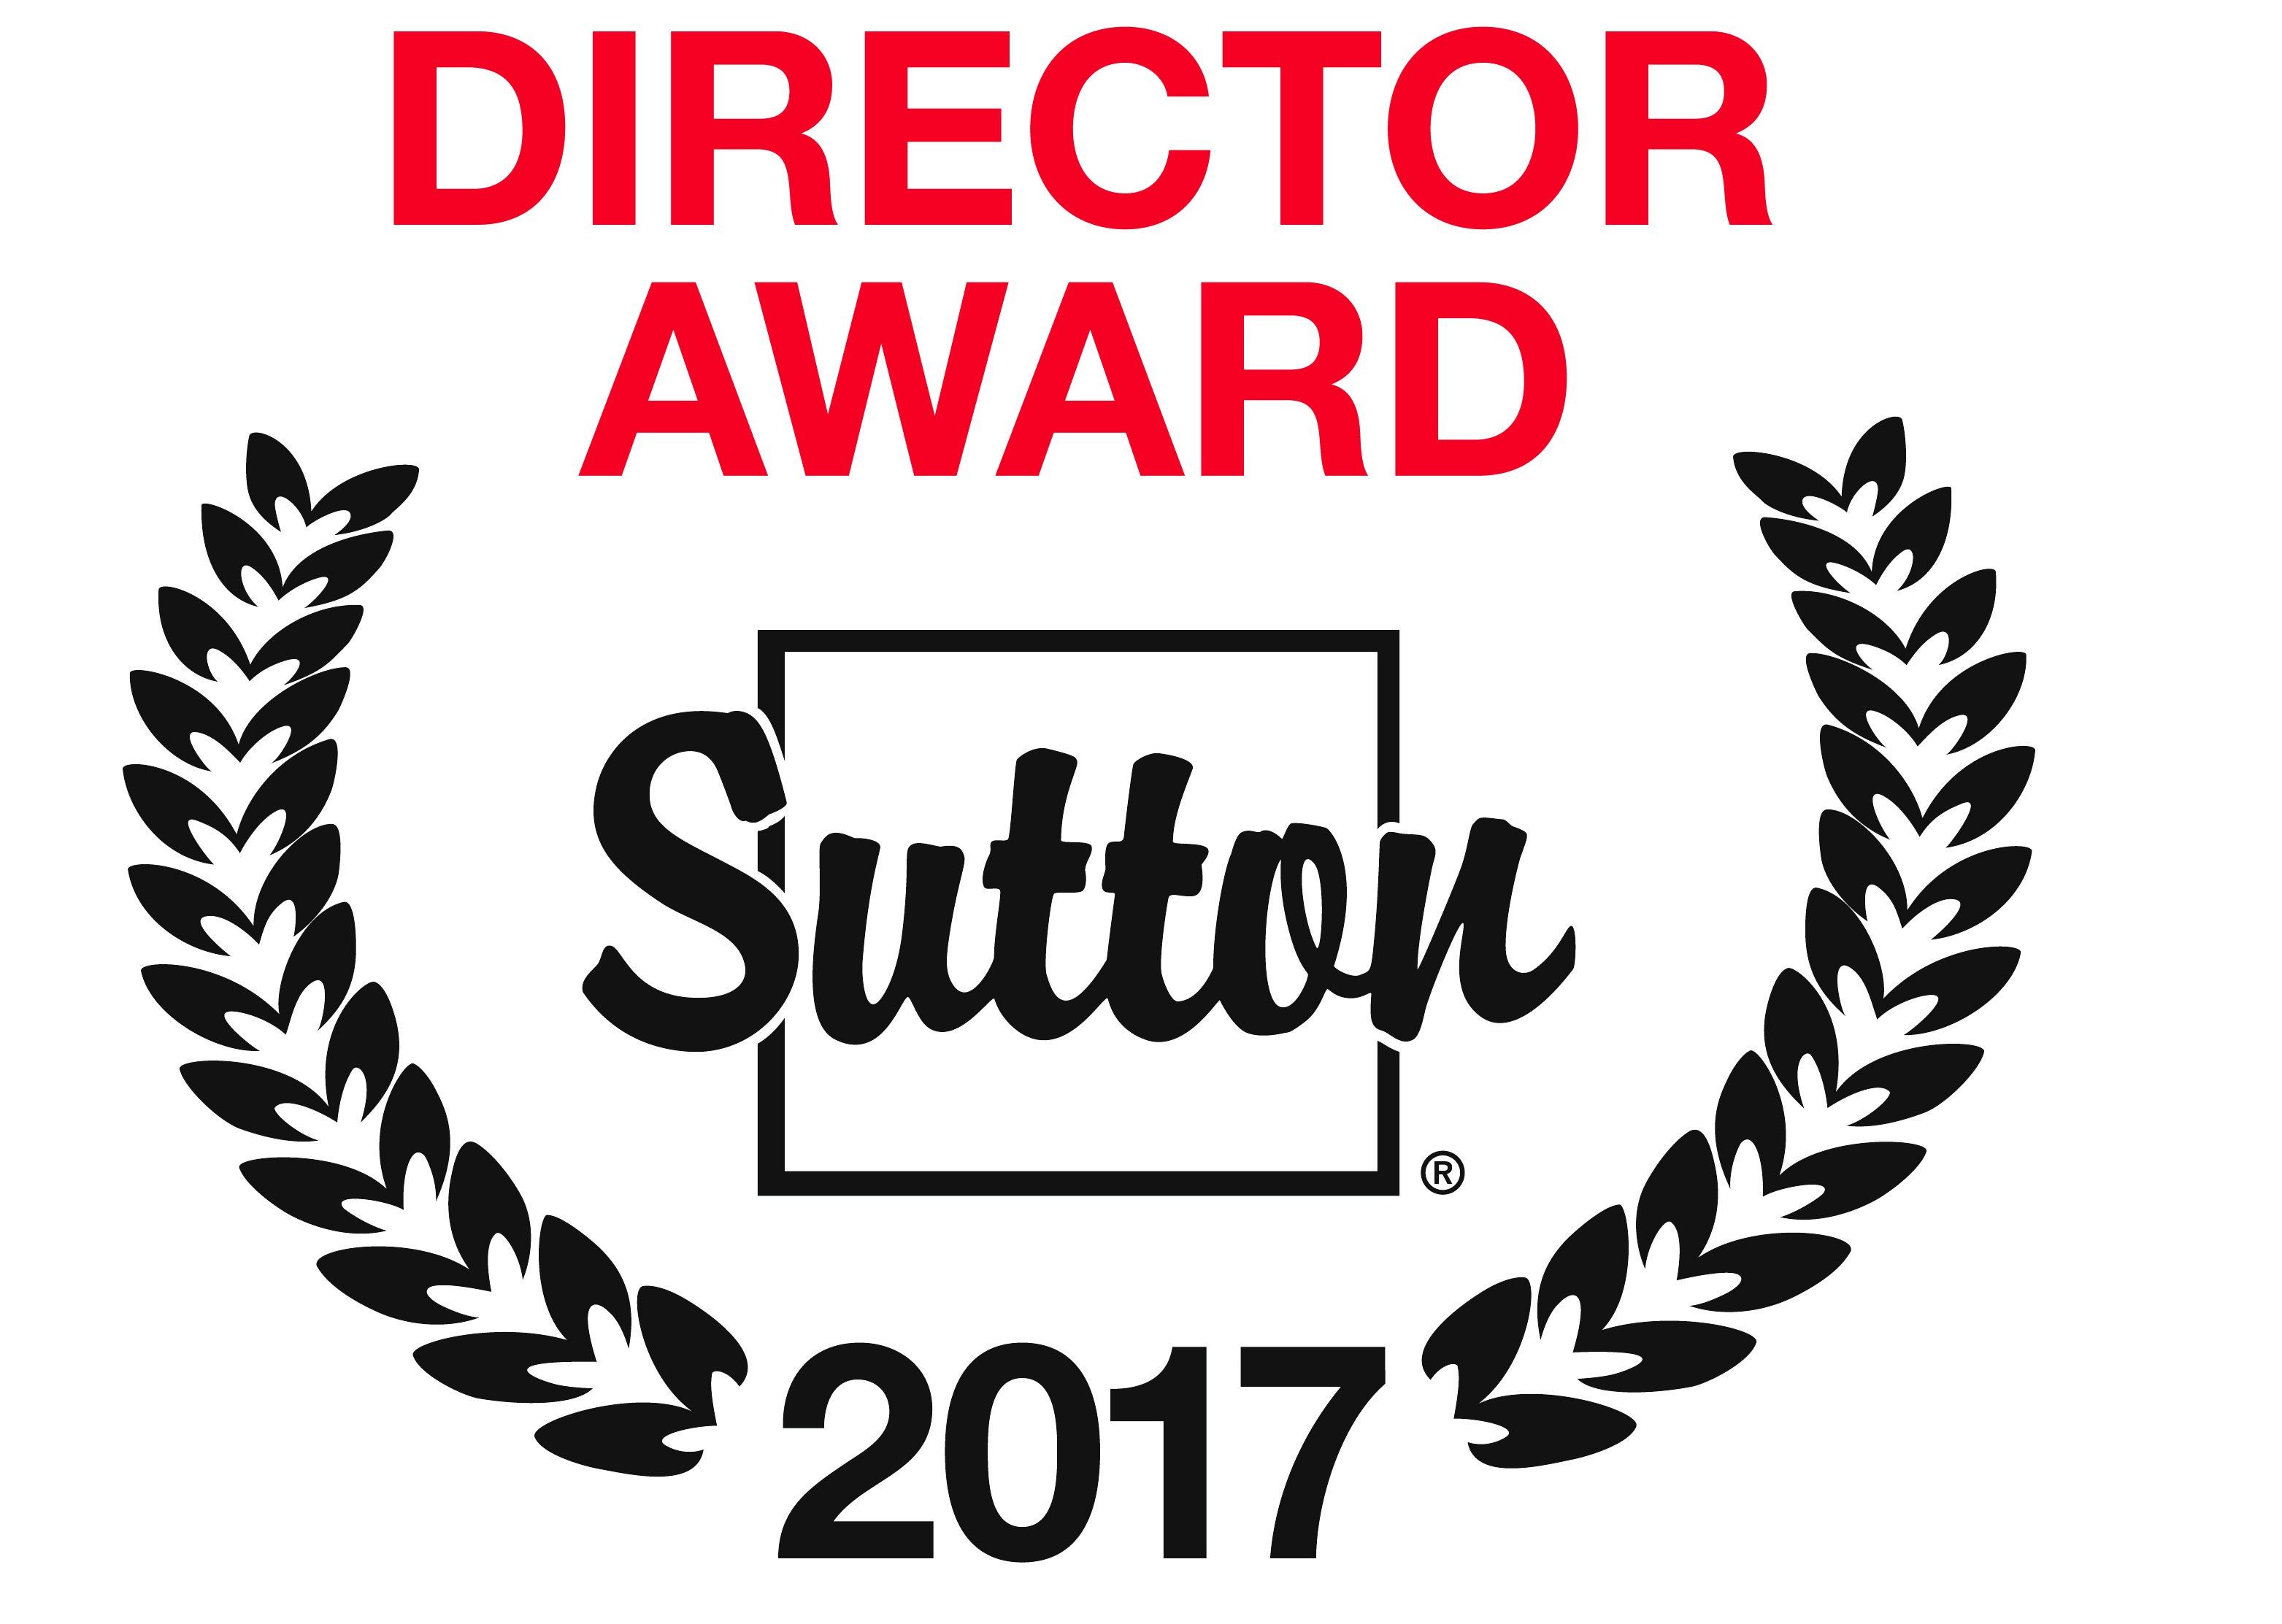 director award 2017